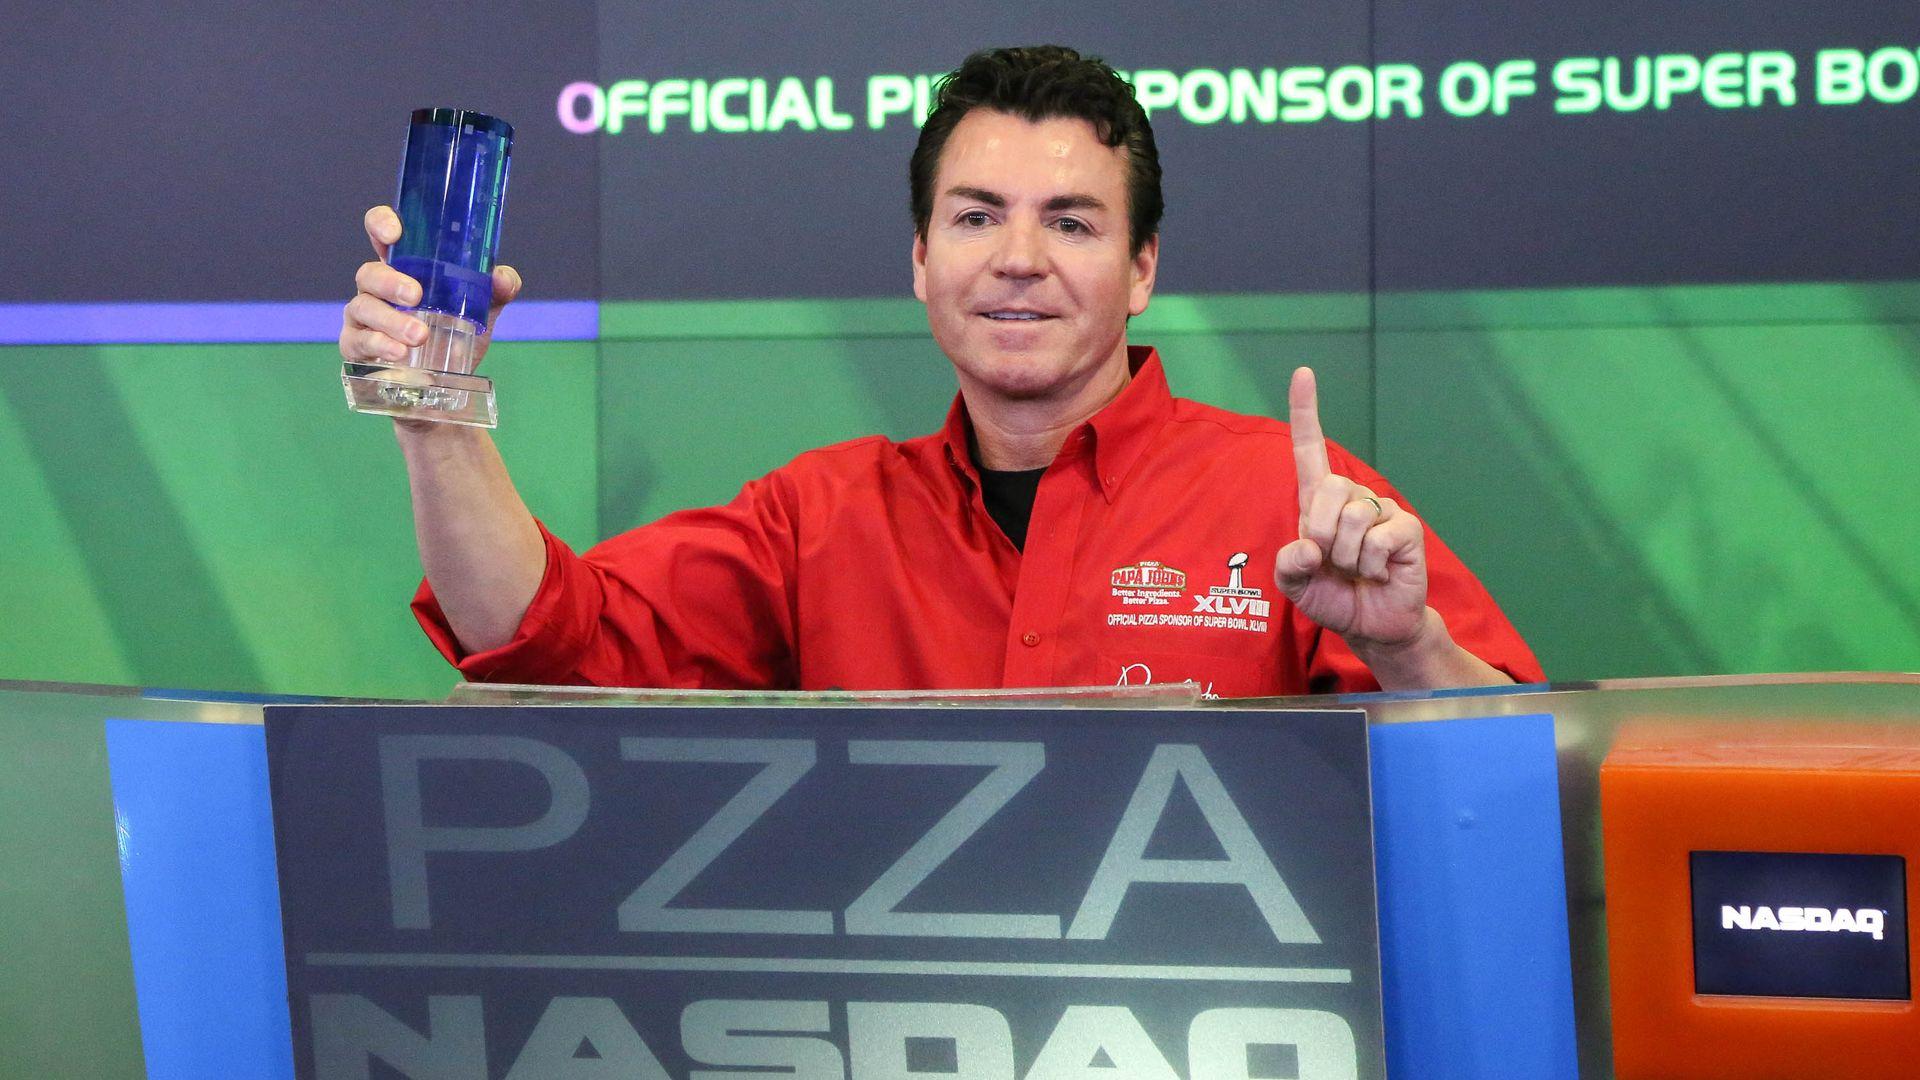 John Schnatter holding a trophy